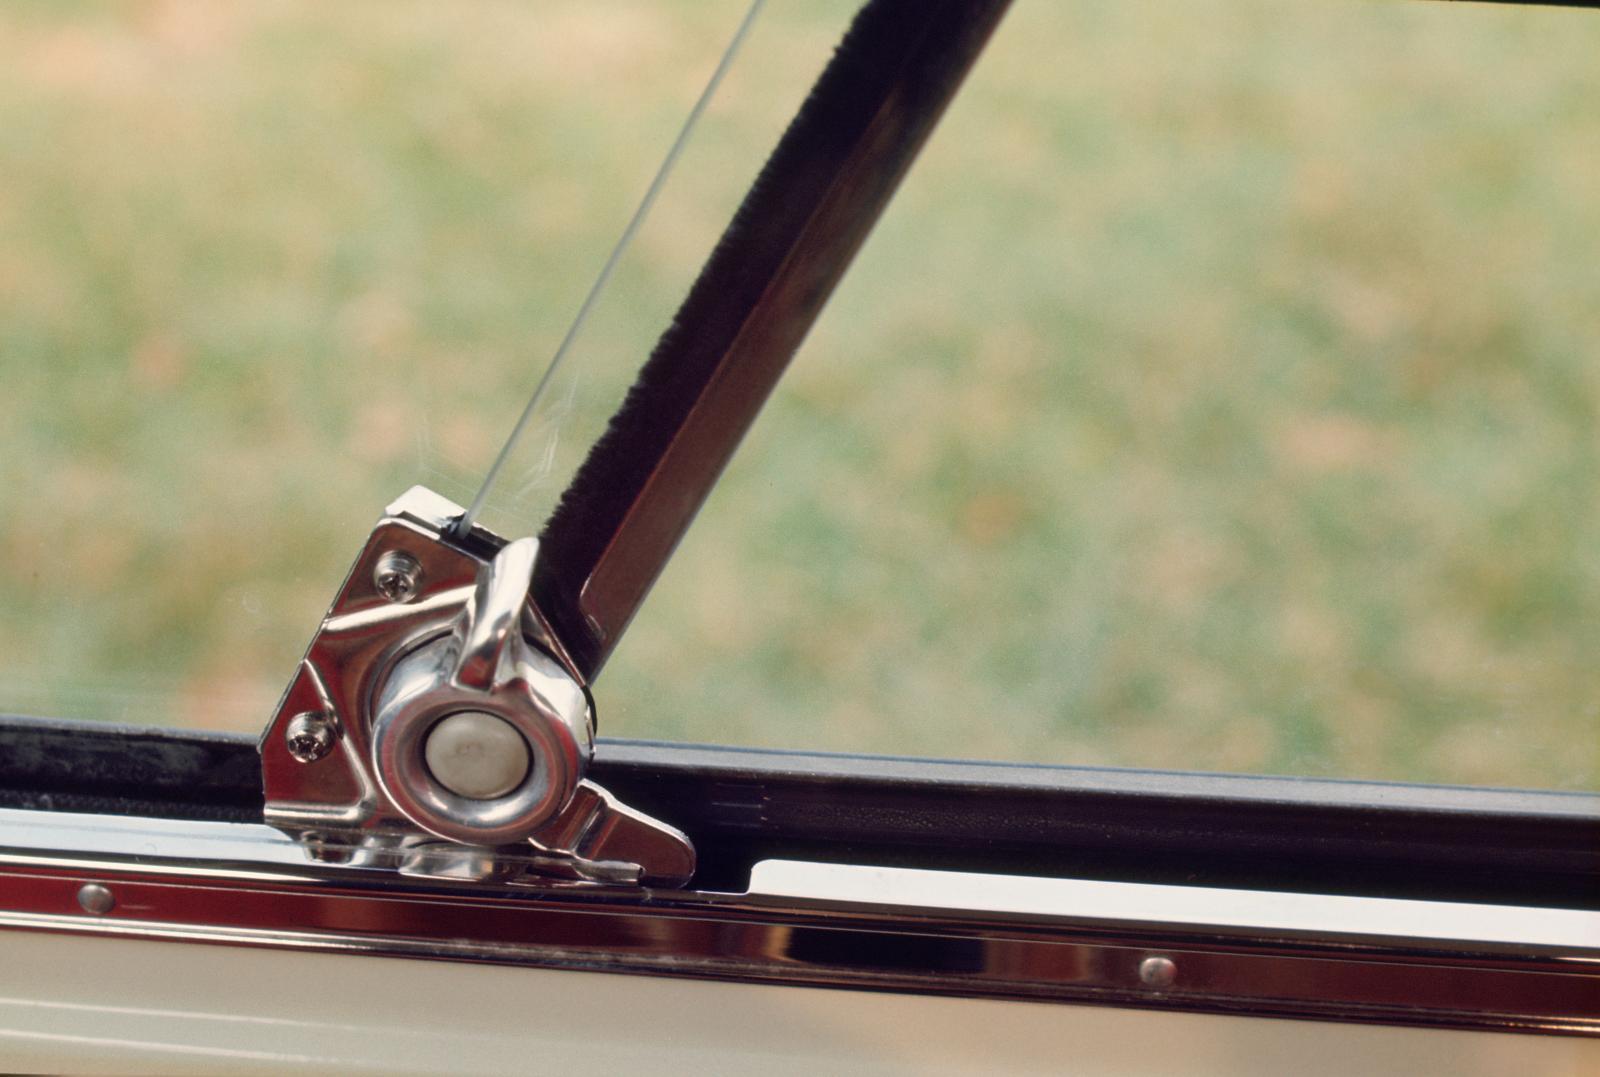 AMI 6 - détail du verrouillage des vitres